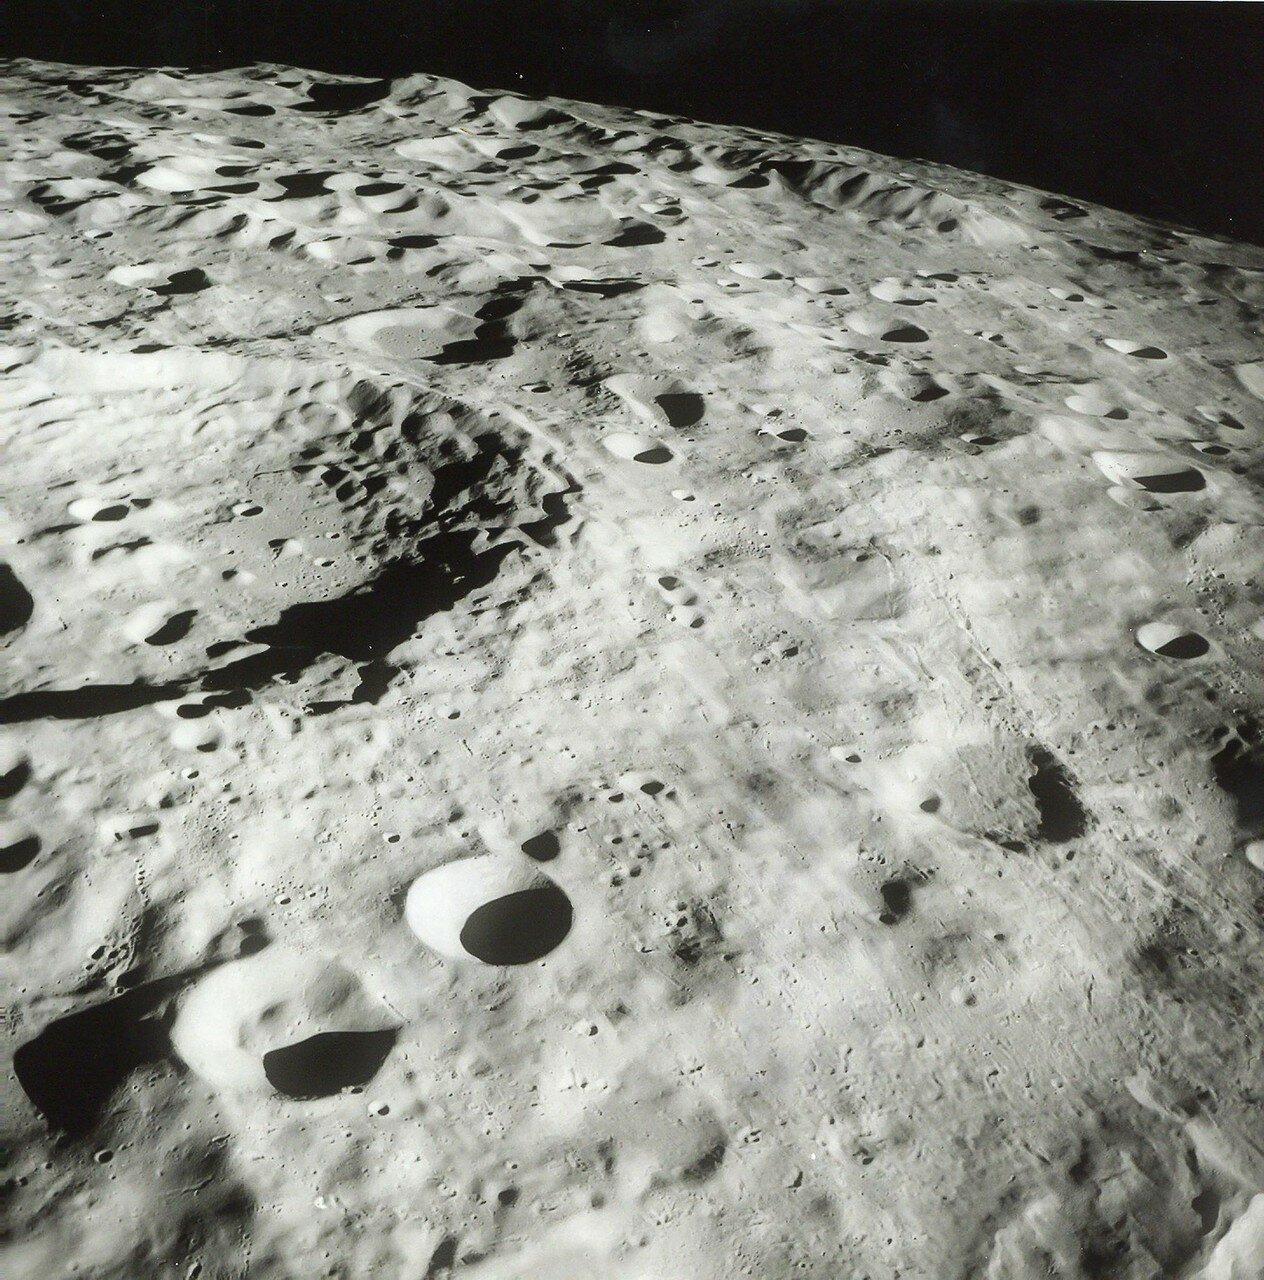 фото обратной стороны луны высокого разрешения марте столь